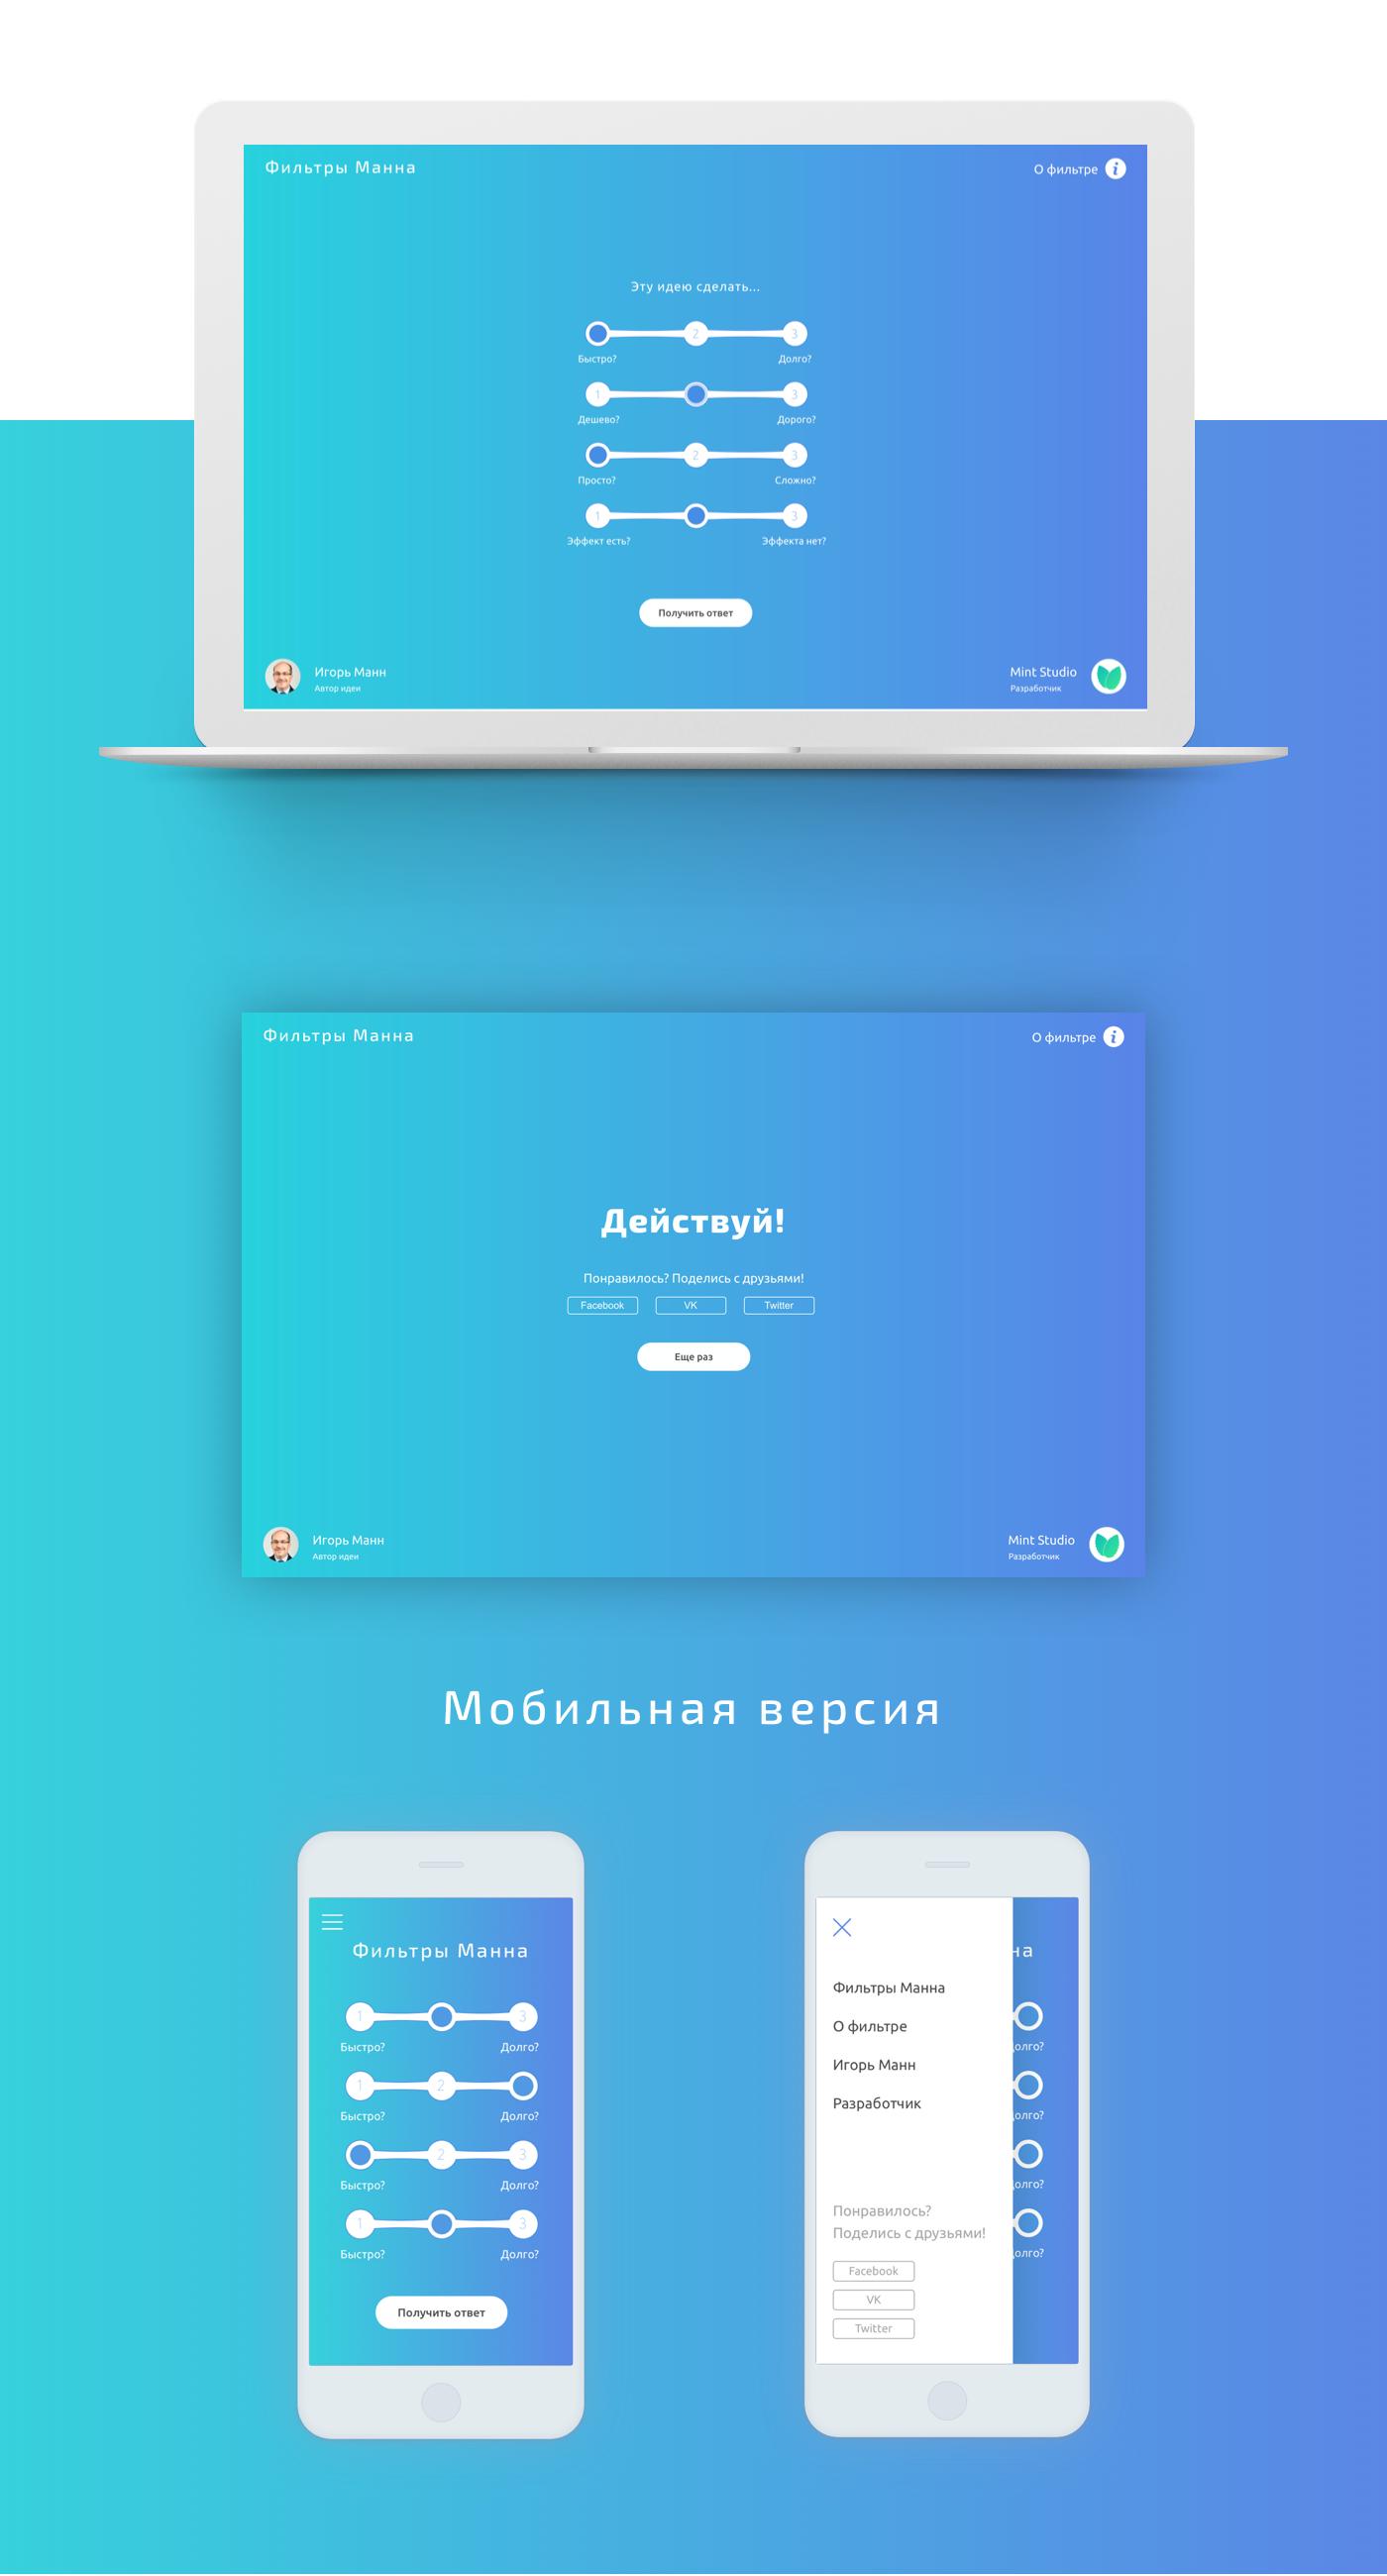 UI ux web app application Web Design  фильтры манна Startup игорь манн